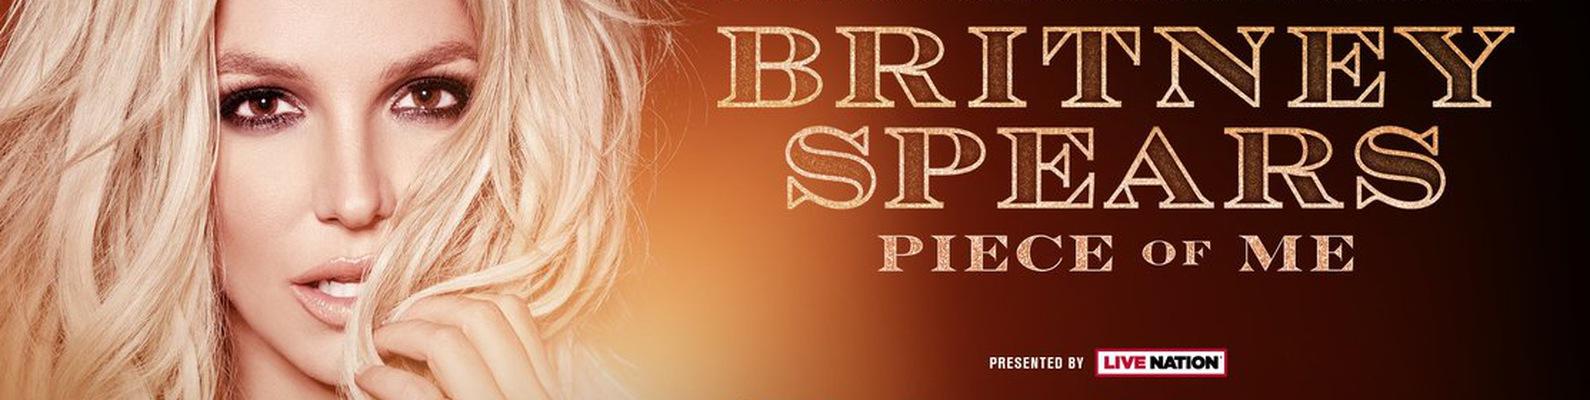 Бритни спирс mp3 скачать бесплатно медленные композиции